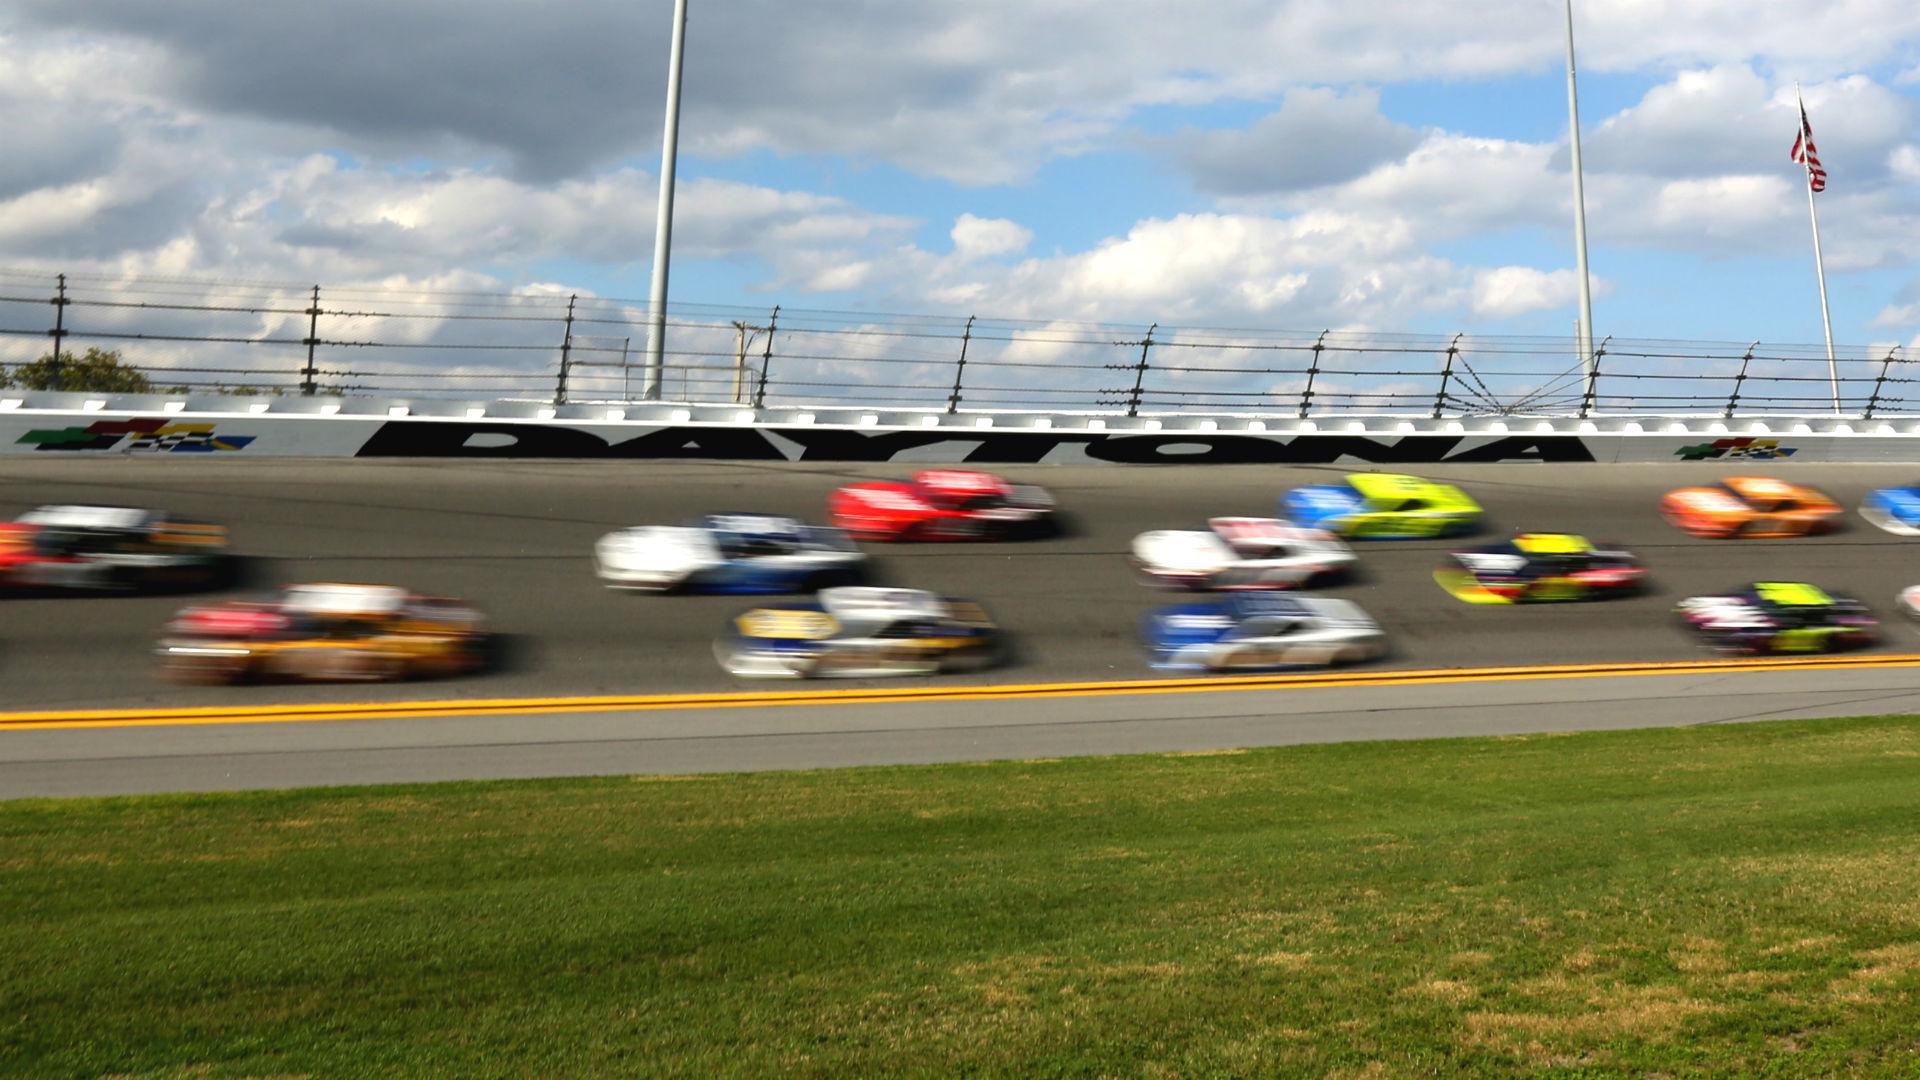 Calendario de Daytona Speedweeks 2020: fechas, tiempos de carrera, canales de televisión para la Copa NASCAR, Xfinity, Truck y ARCA Series 2